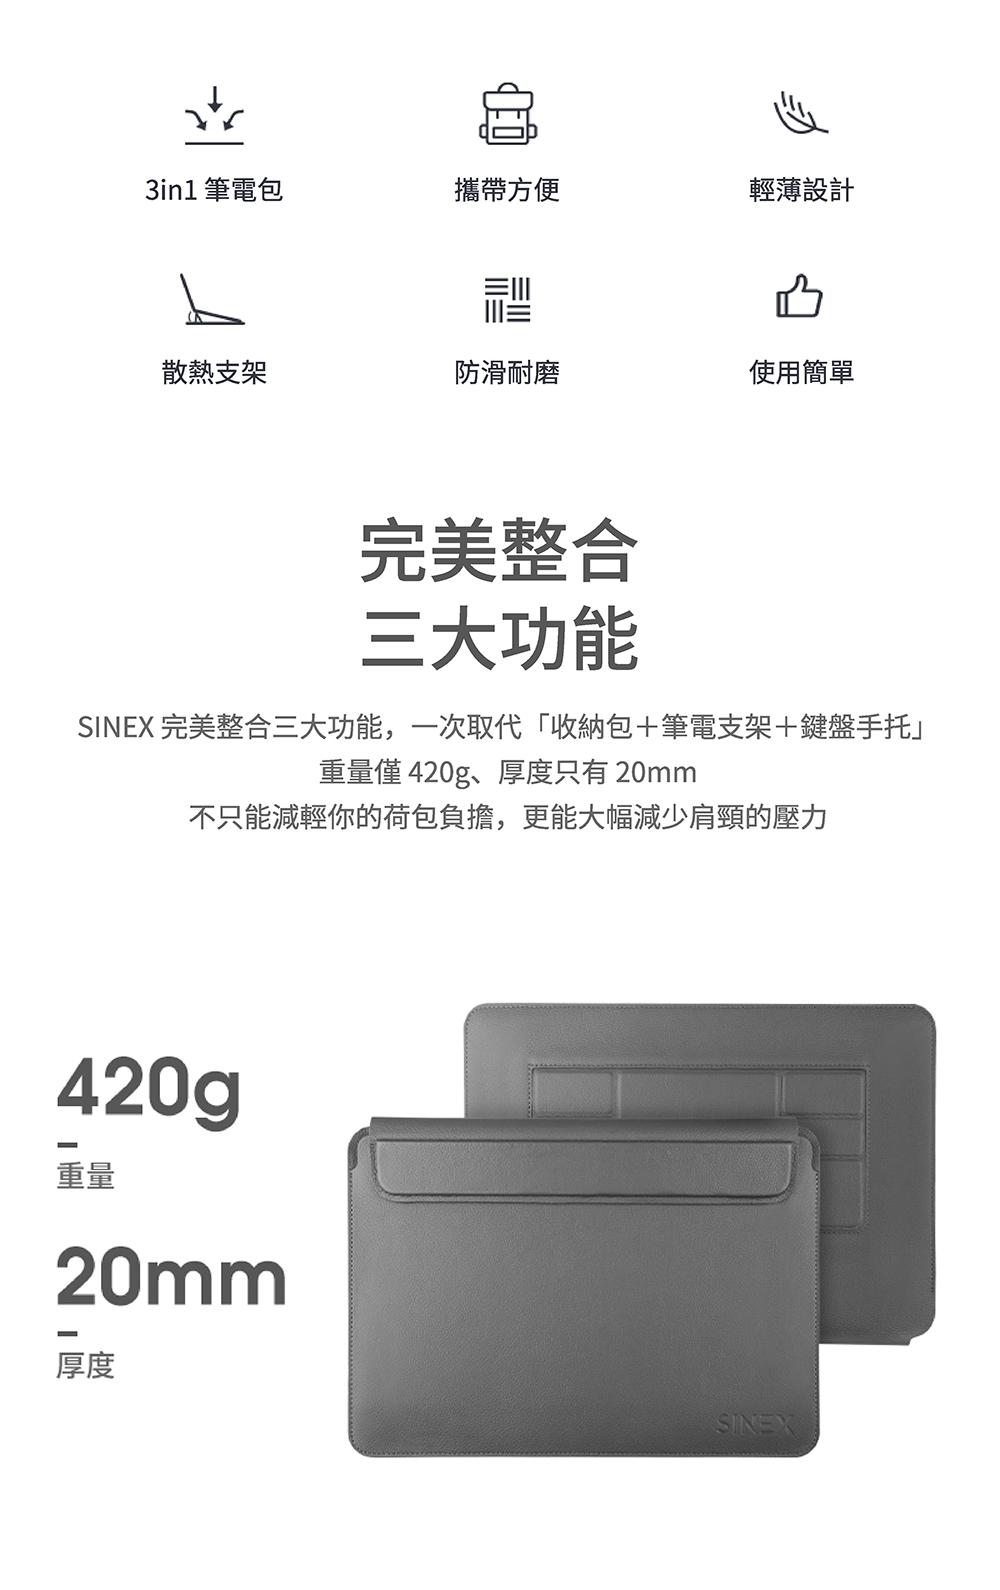 【SINEX】全球首款 3 合 1 變形筆電包 適用13/14吋筆電 (收納包+筆電架+鍵盤手托) - SINEX電腦包簡介 02